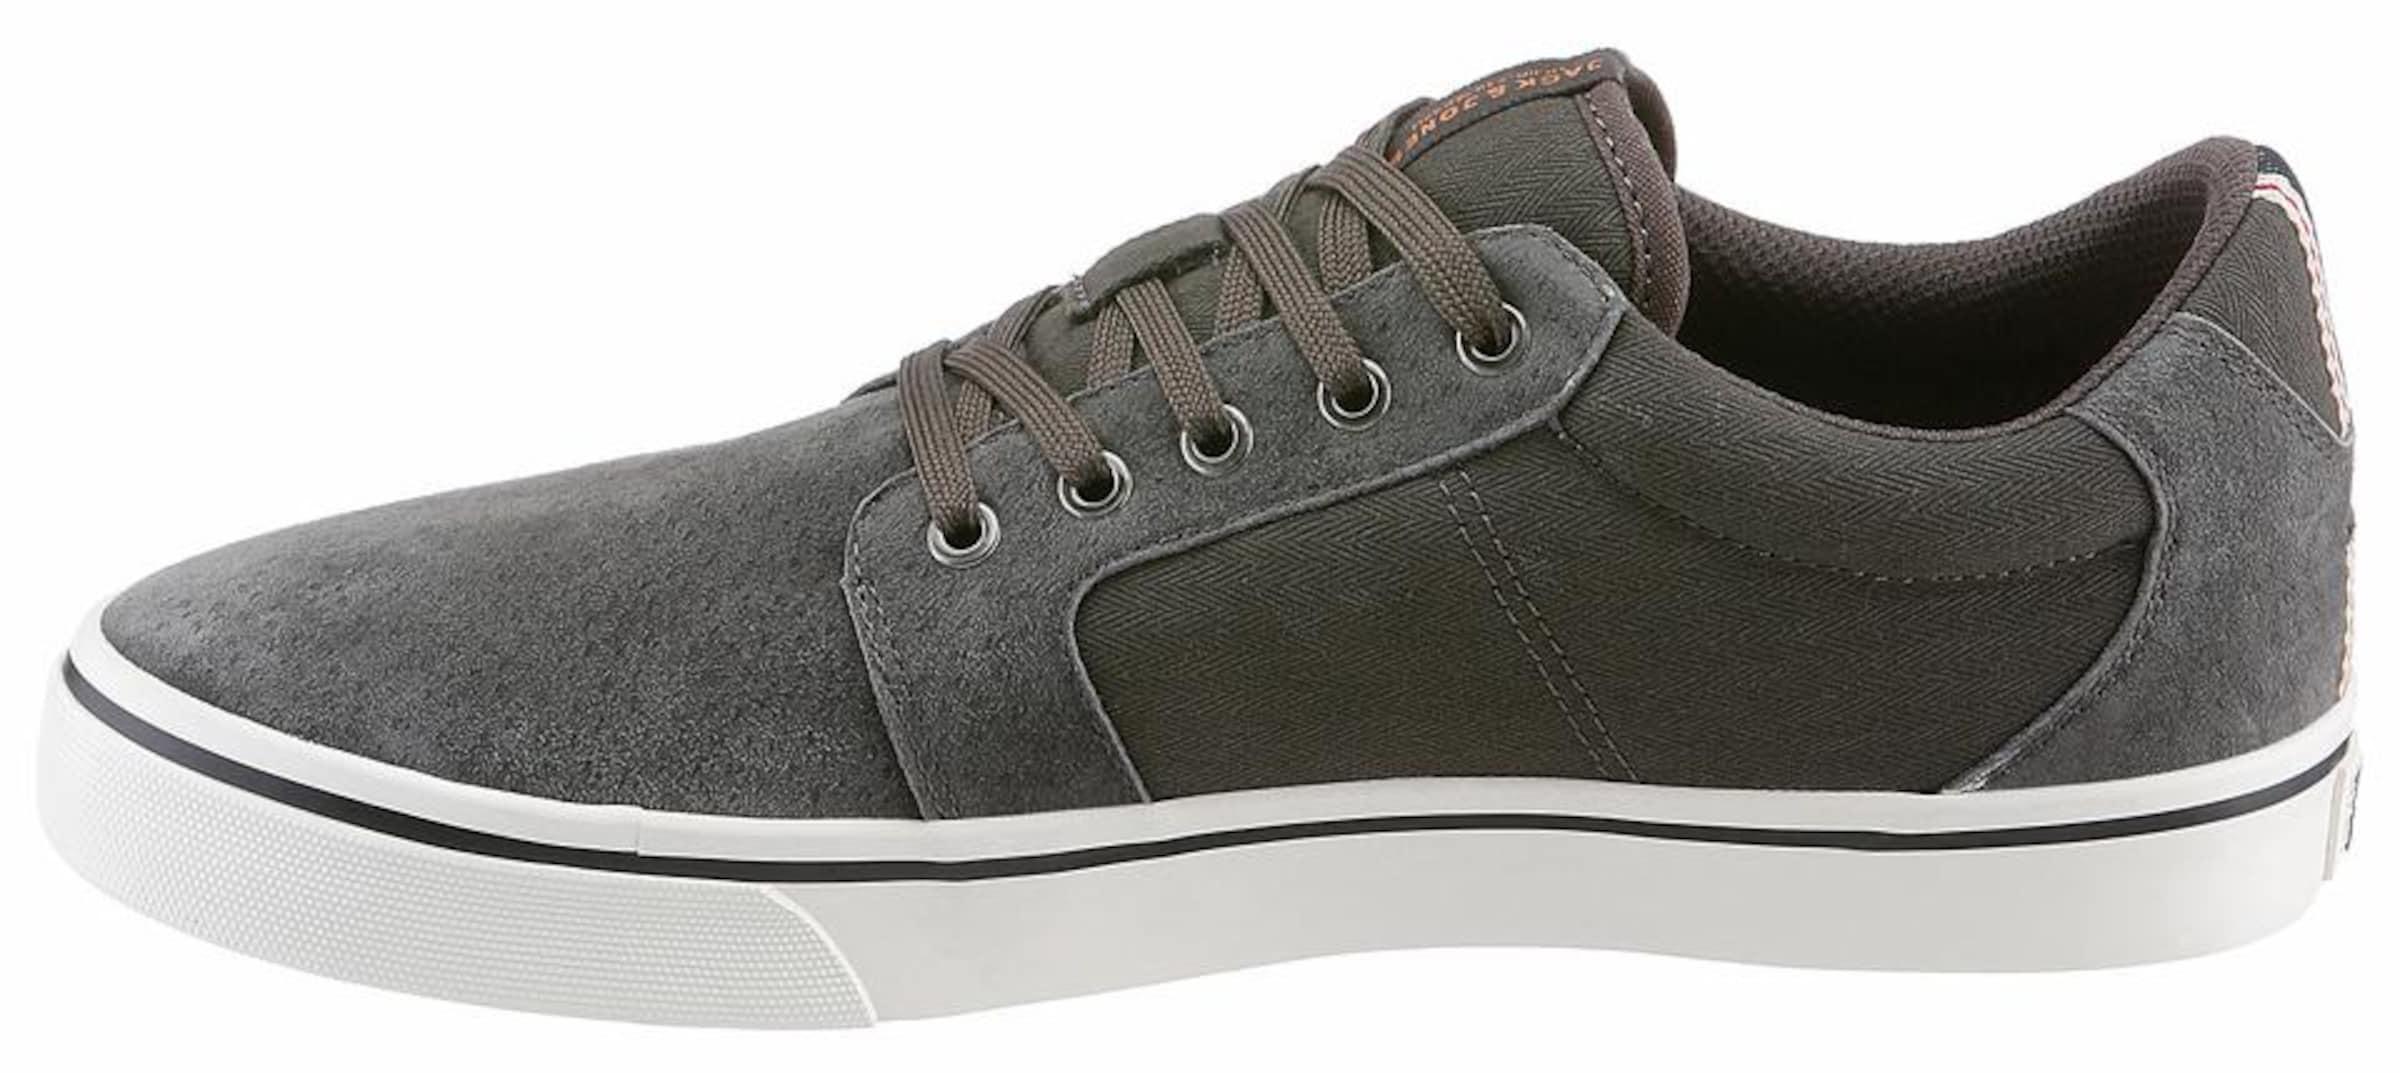 'jfw Jones In Dunkelgrau Jackamp; Sneaker Dandy' uK1FJTlc3